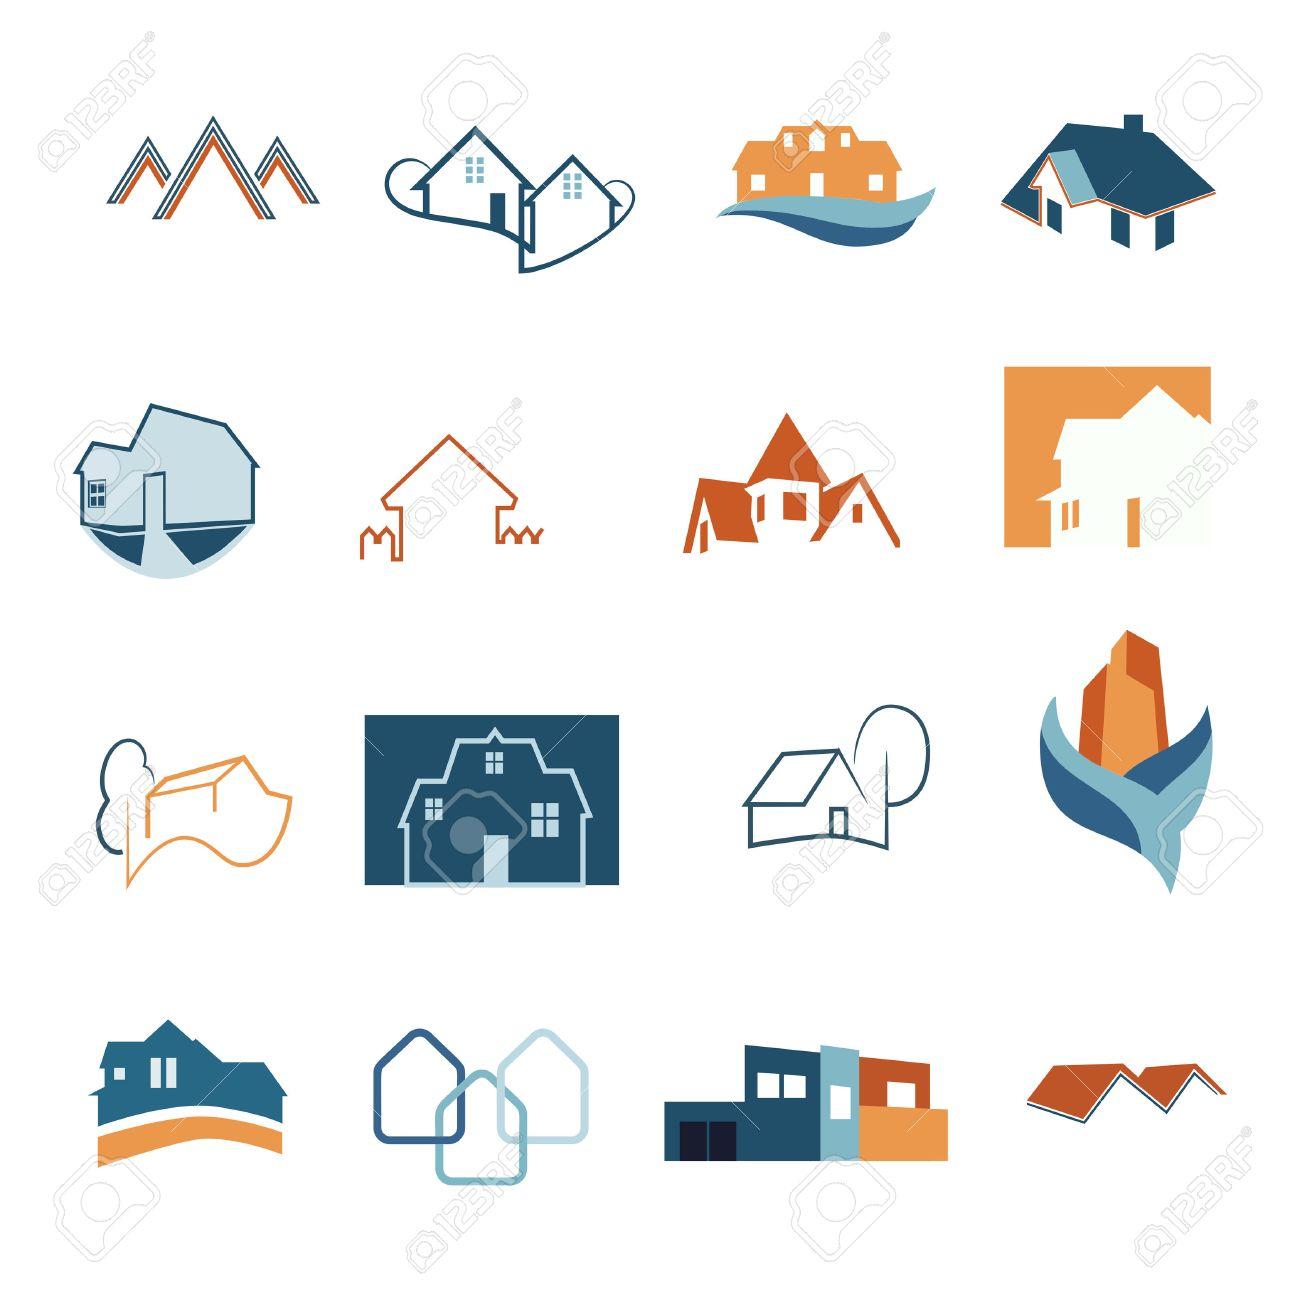 Real Estate web icons set. House logos. Construction logo. Vector - 58521277